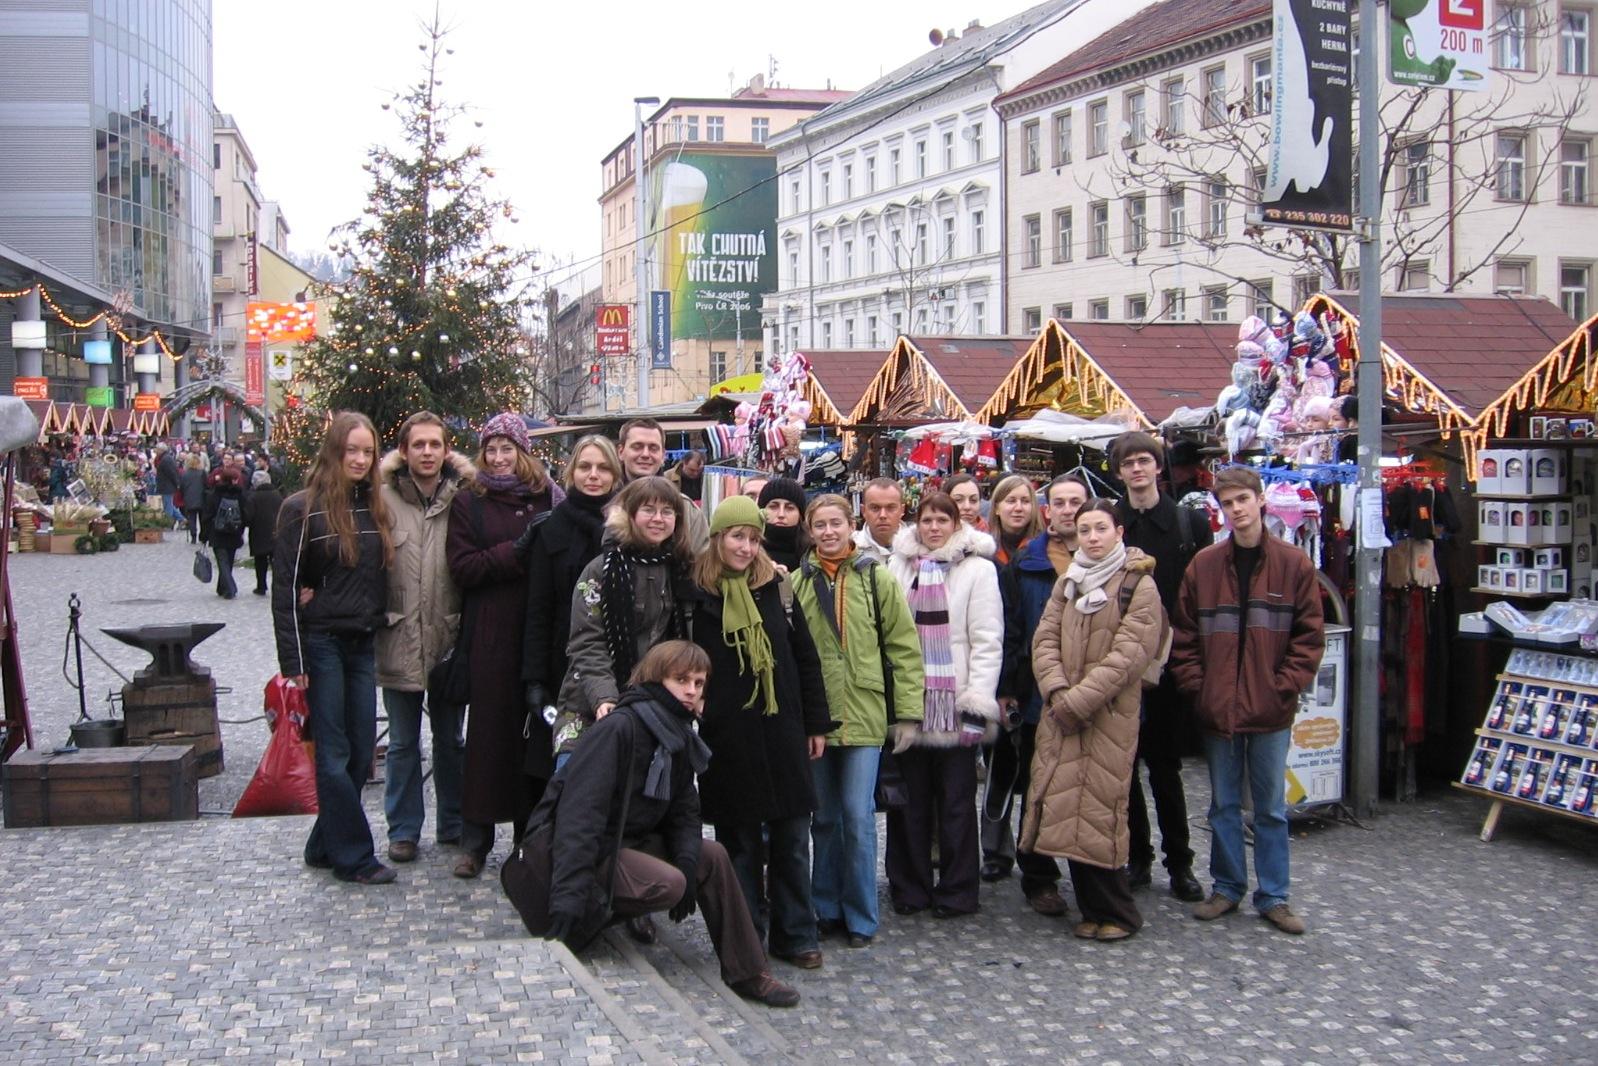 festiwal-piesni-adwentowej-w-pradze2-grudzien-2009